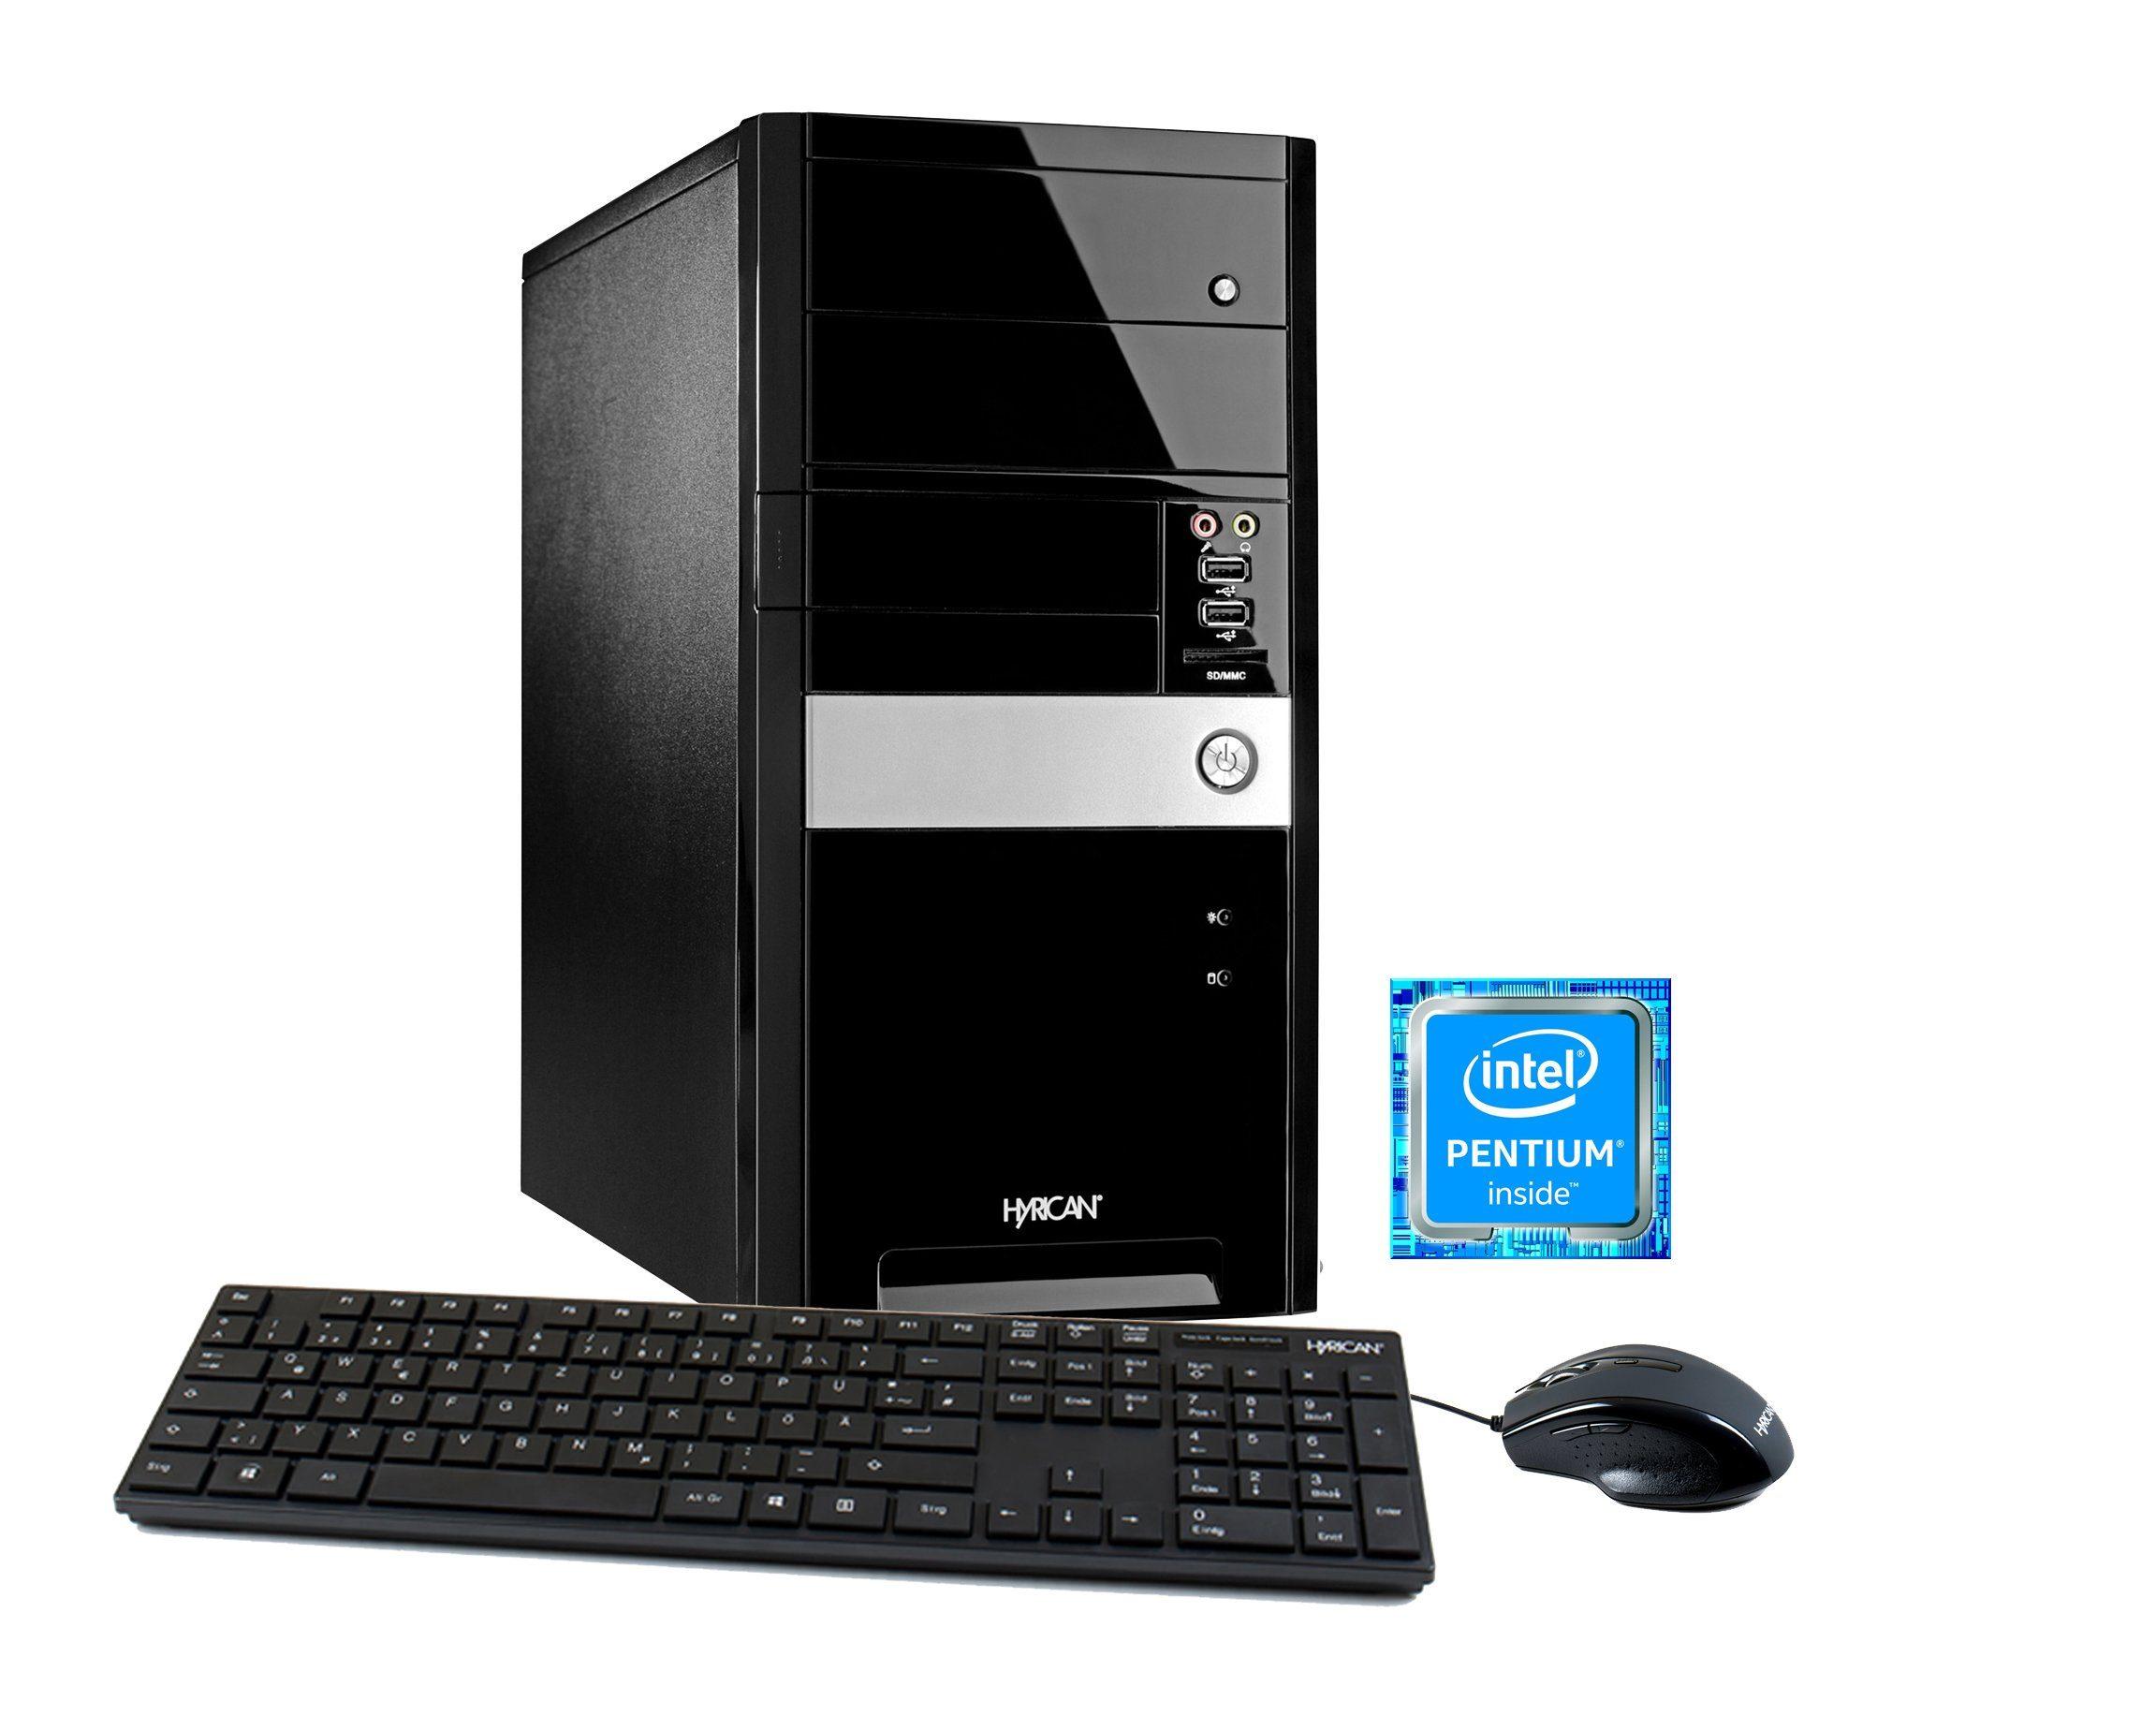 HYRICAN Multimedia PC Intel® Pentium G4600 8GB 1TB HDD GeForce® GTX 1050 »Multimedia PC 5734«